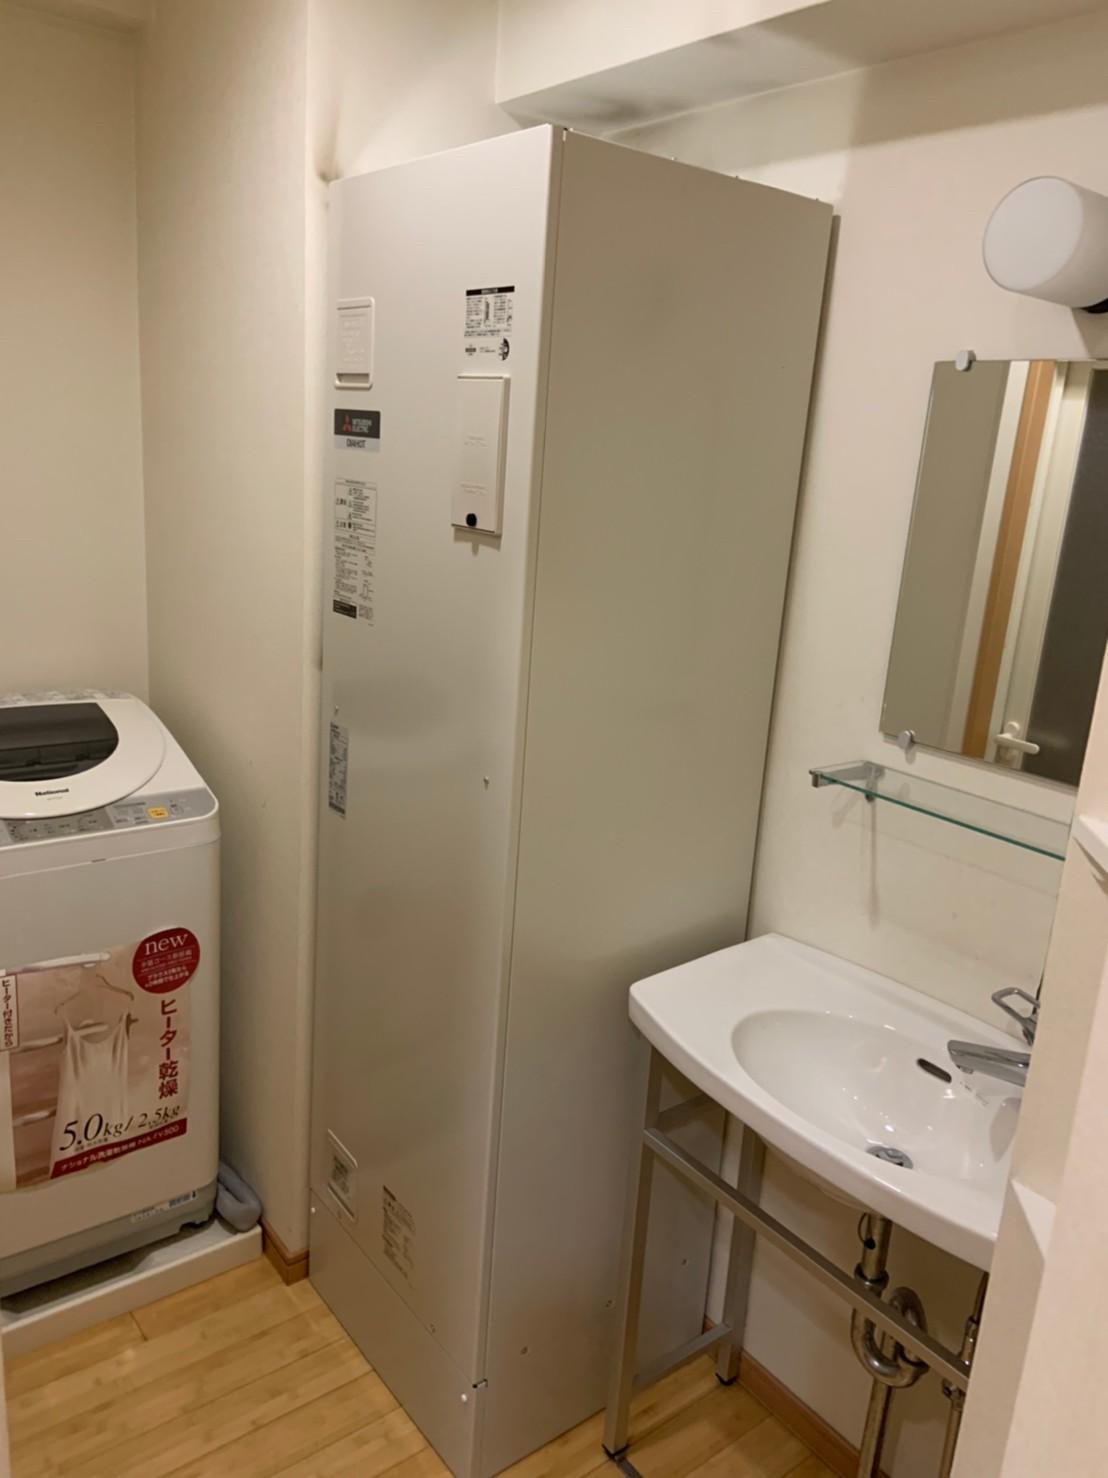 ワンルームマンションの電気温水器の交換|SRG-201G|